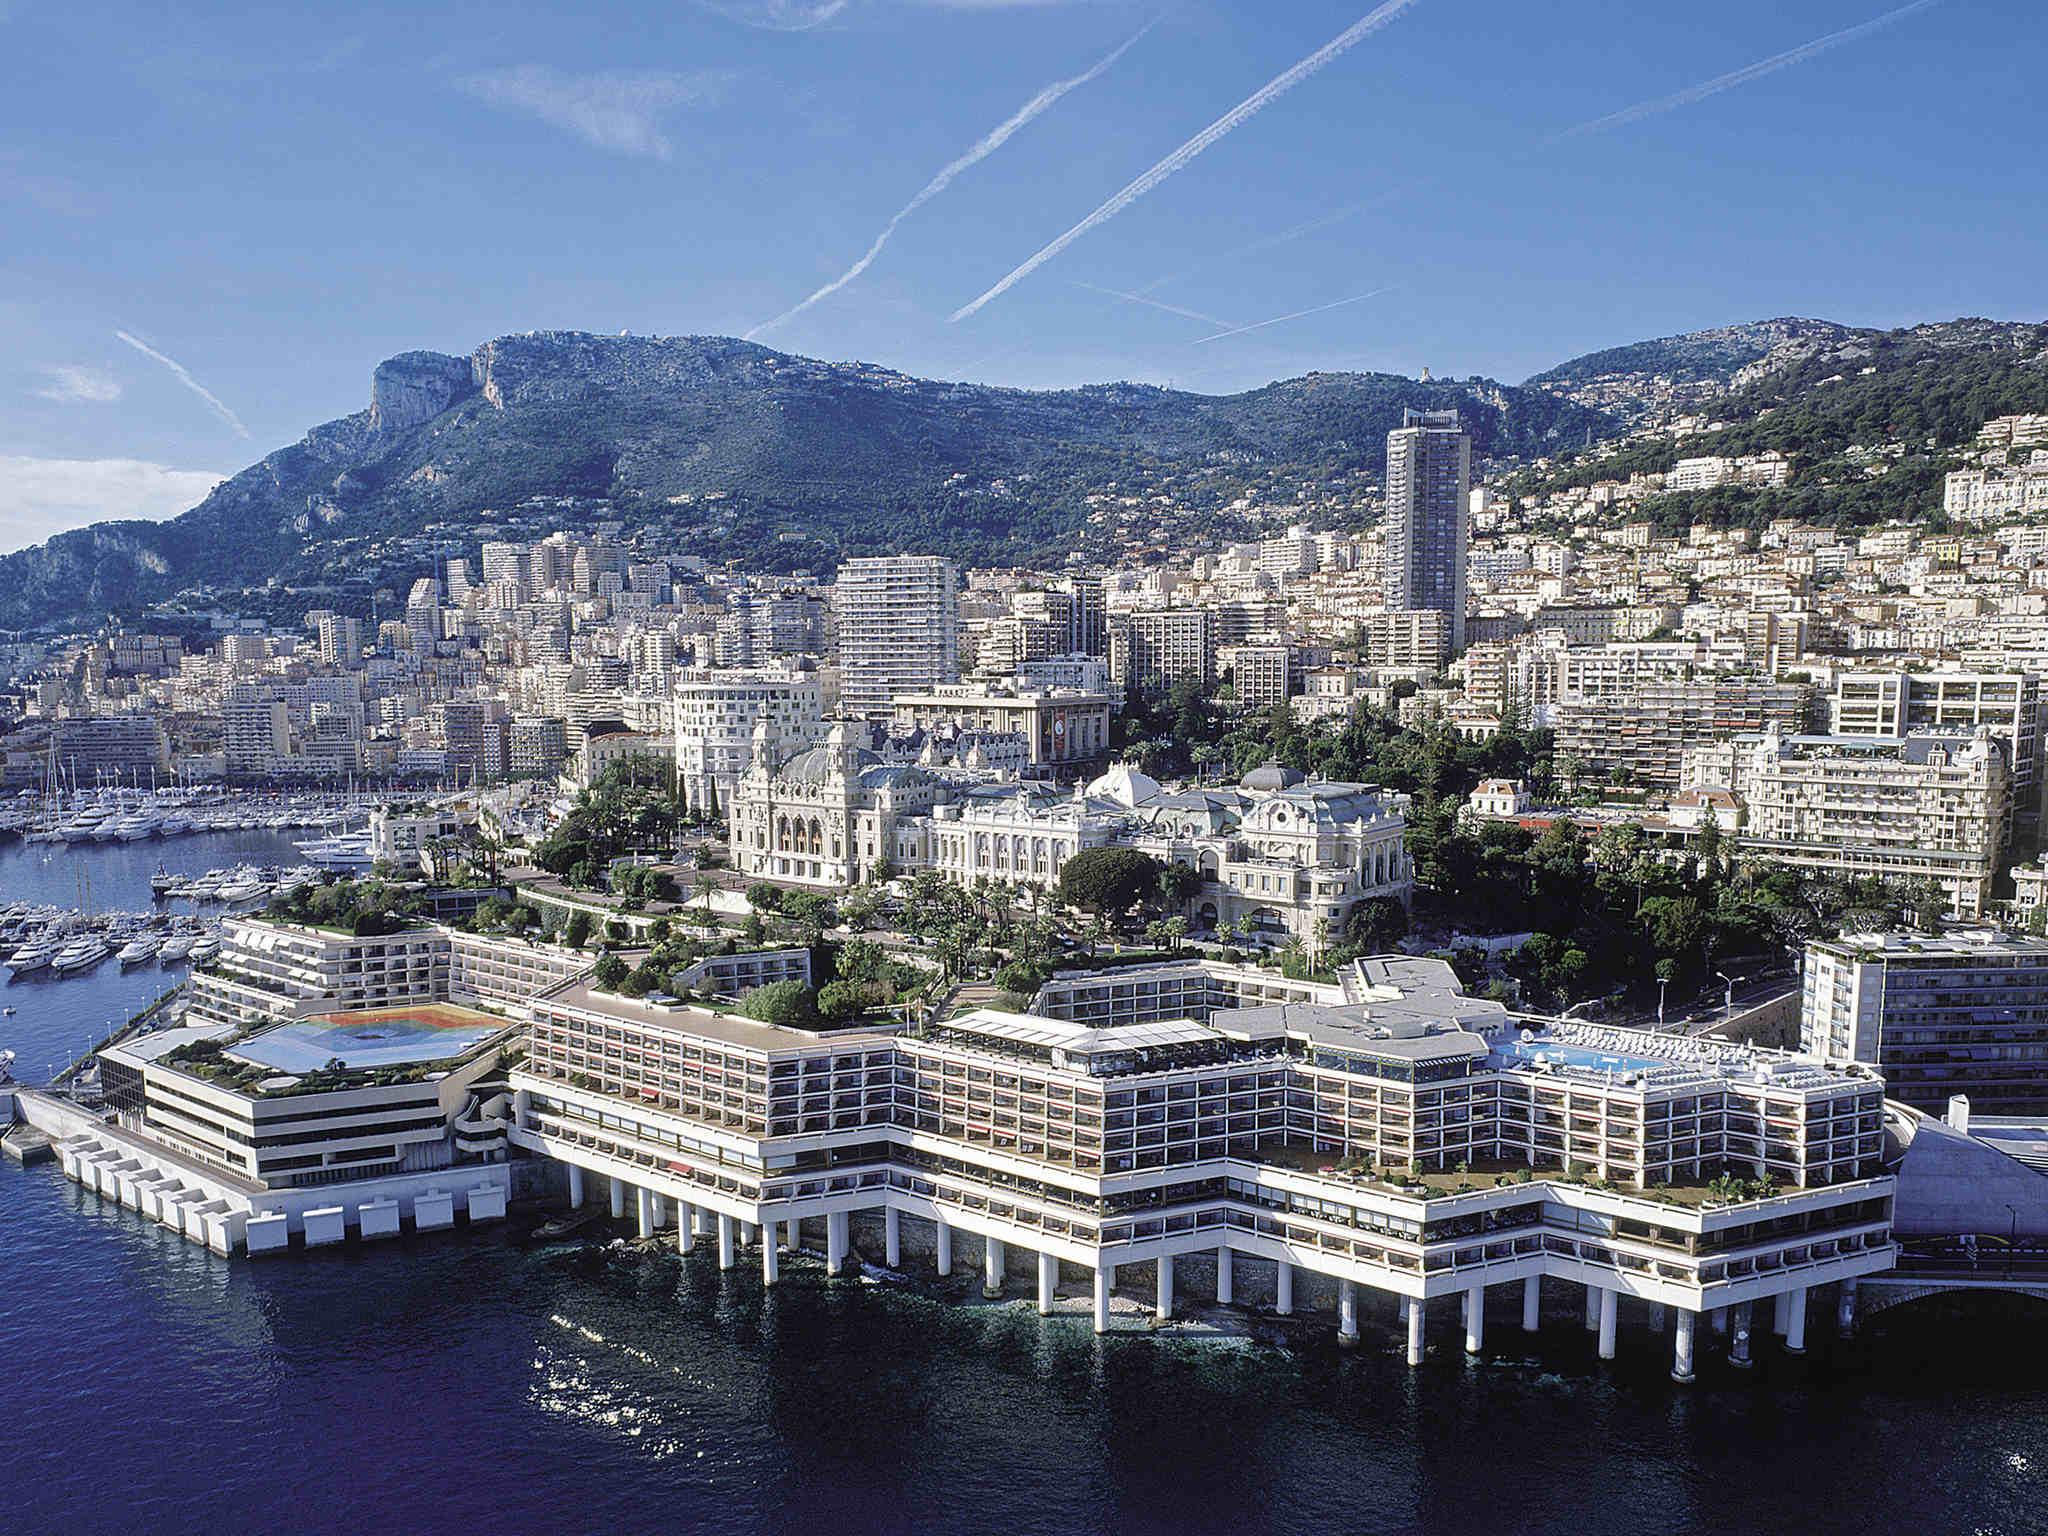 Otel – Fairmont Monte-Carlo